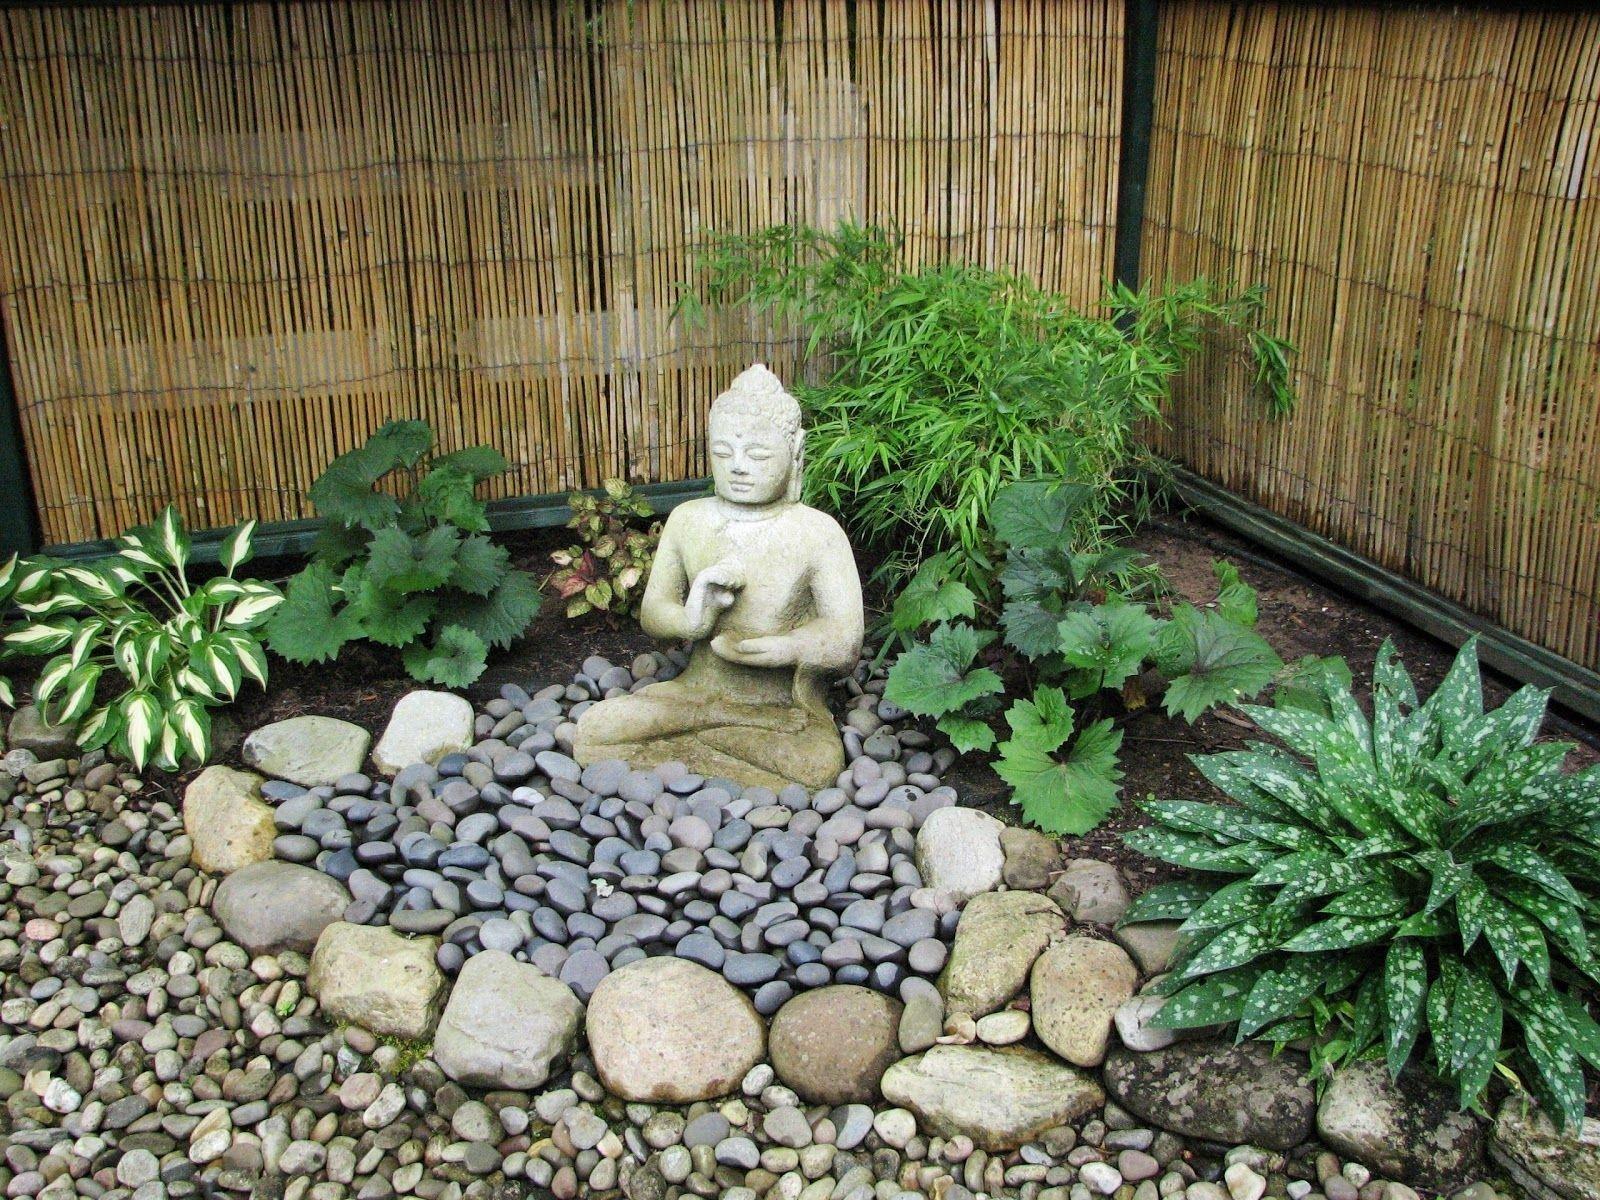 Zen Garden Patio Ideas A Zen garden with gravel surfaces, shaped